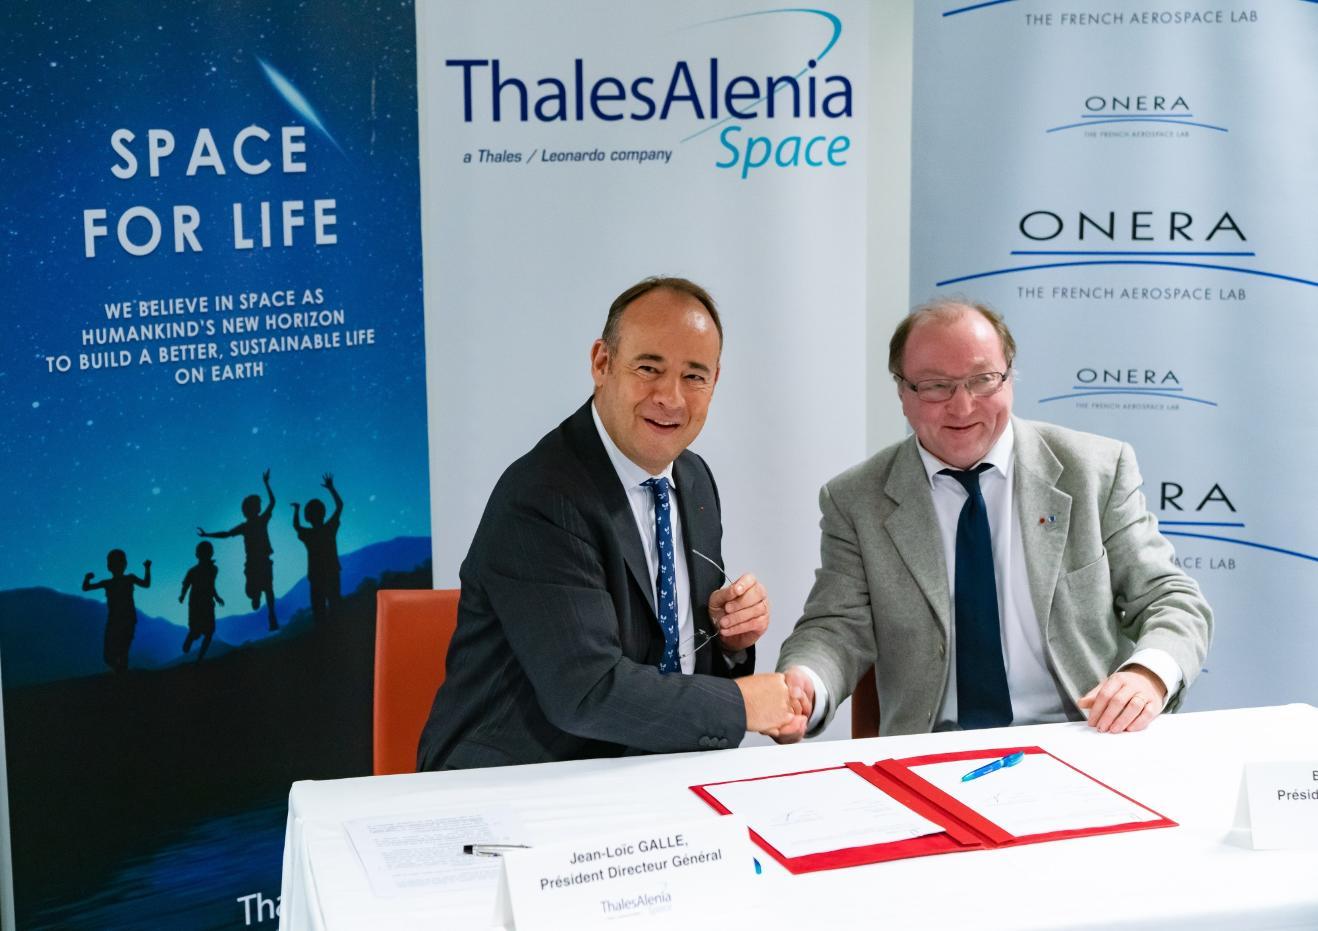 Accord de coopération Onera-Thales Alenia Space